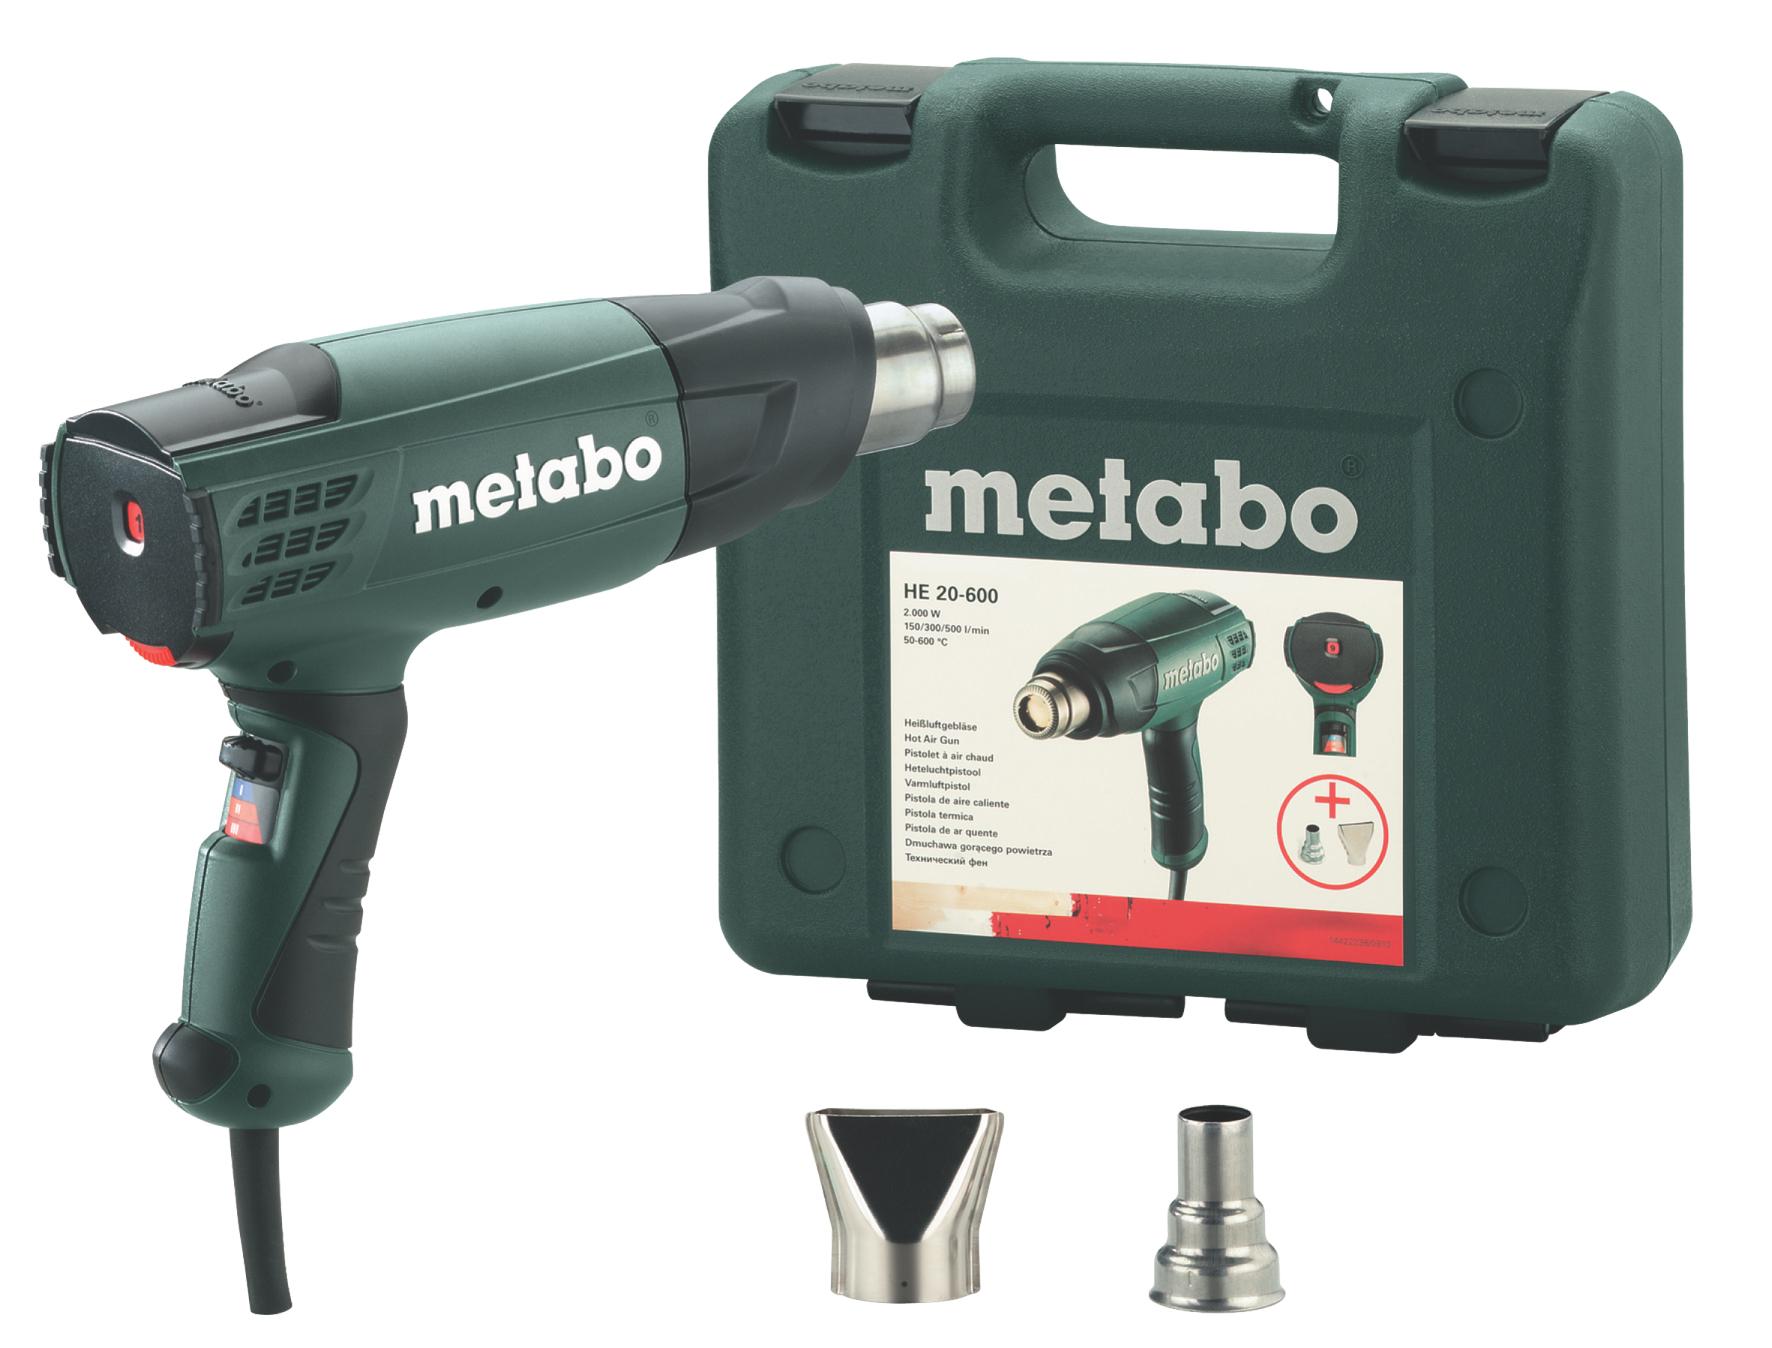 Строительный фен Metabo HE 20-600  строительный фен metabo he 20 600